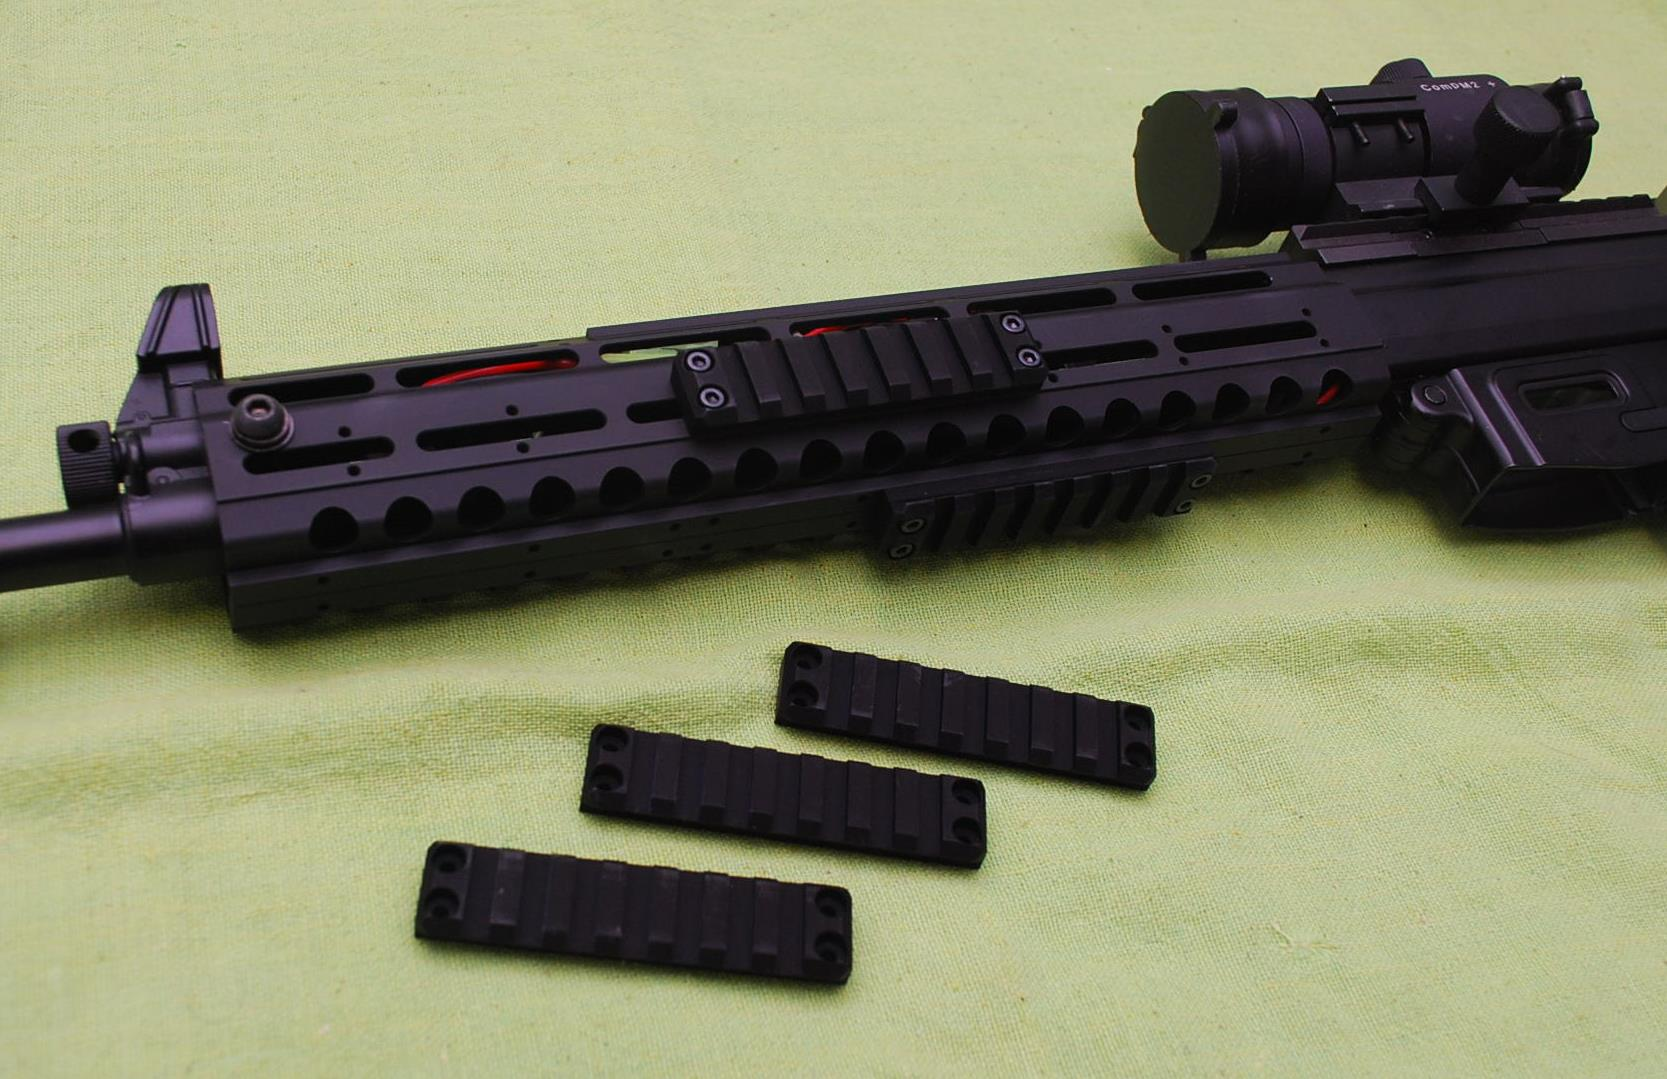 OTS 89式小銃用レール式被筒  89式用レールハンドガード実銃用電動可